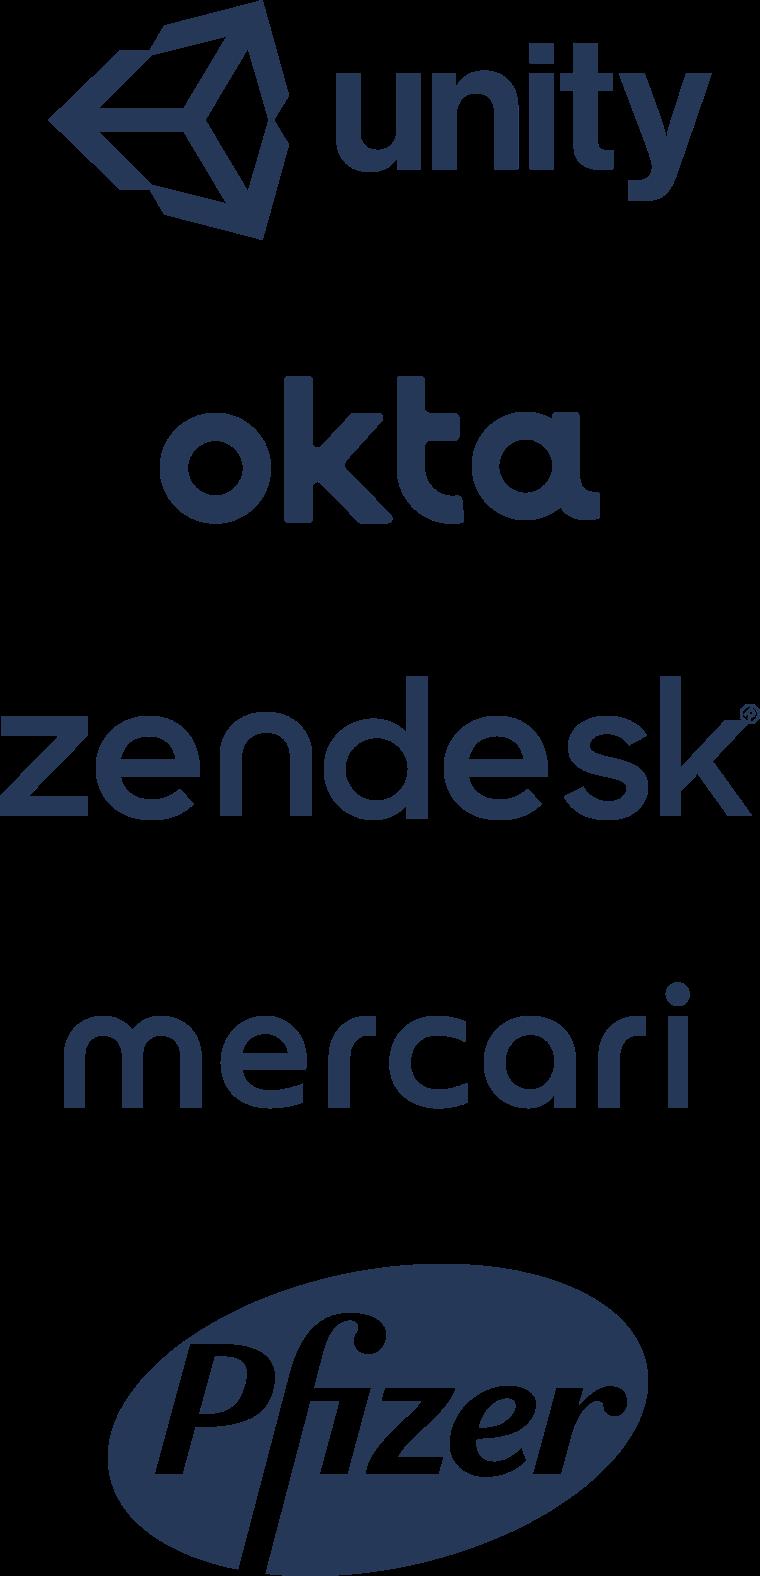 Logotipos de Unity, Okta, Zendesk, Mercari y Pfizer